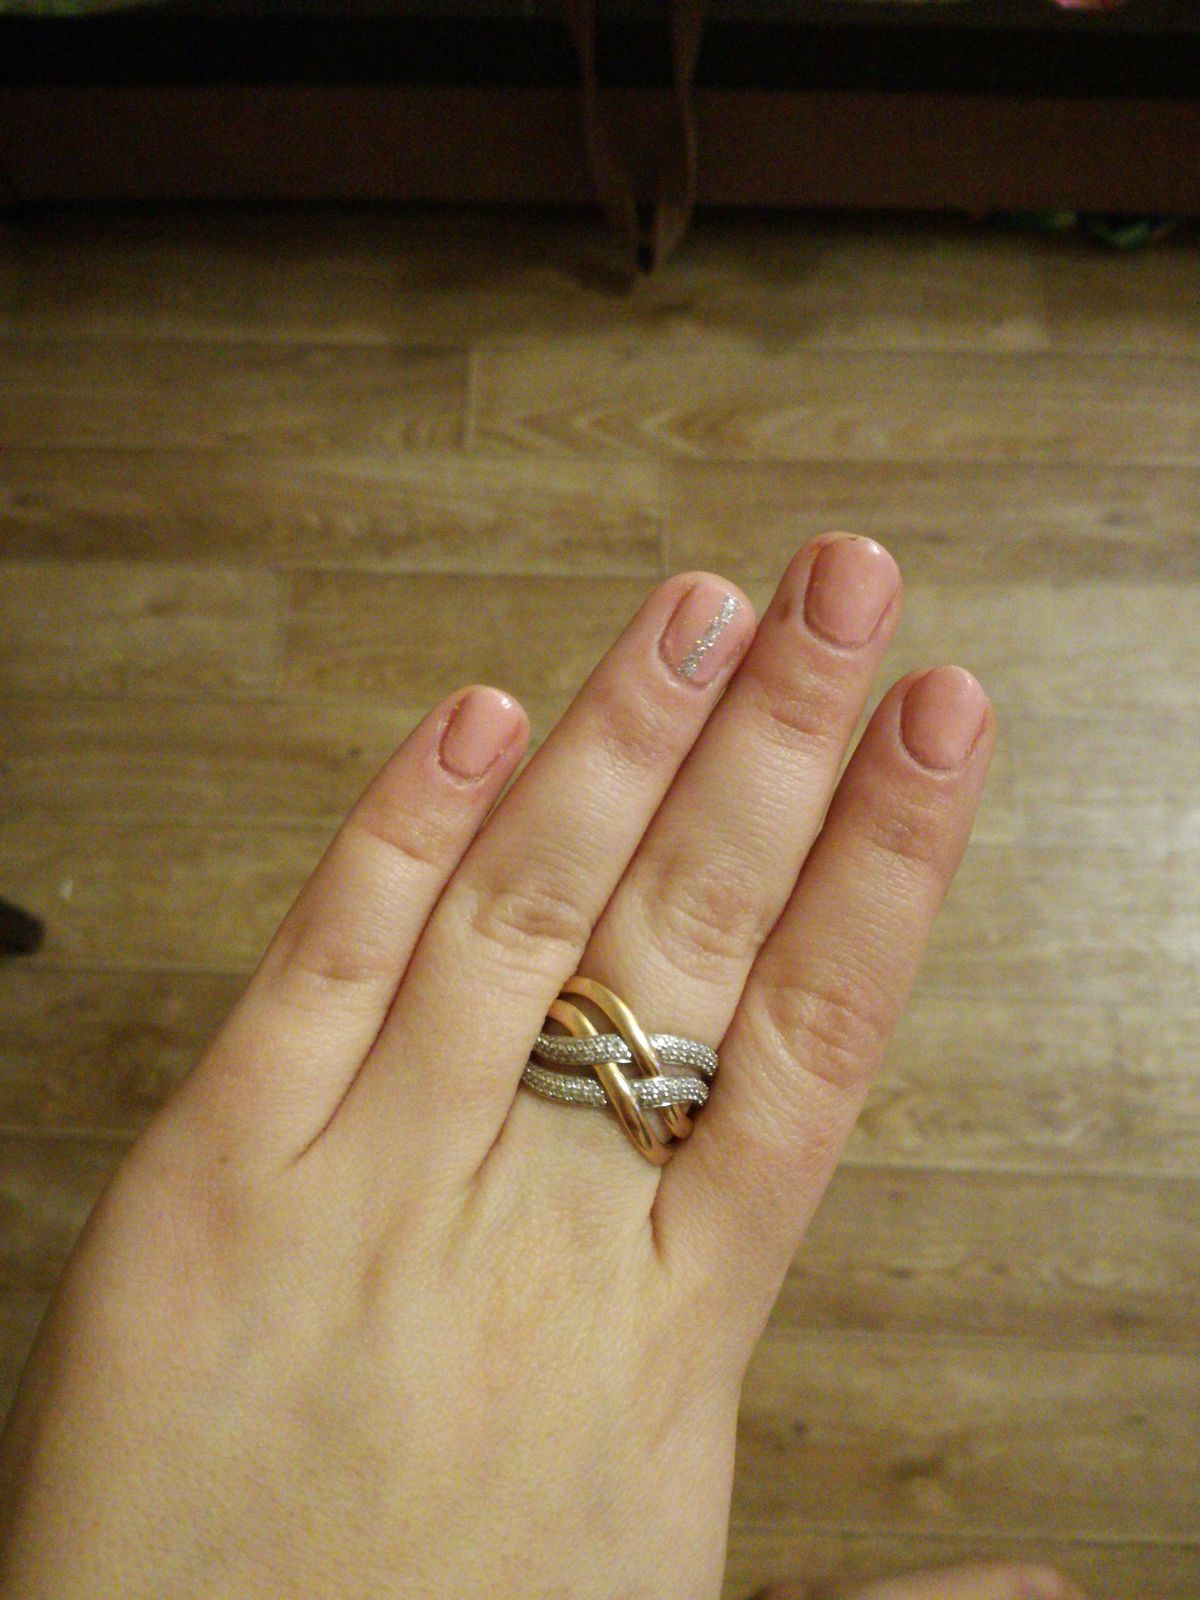 Кольцо широкое , блестящее то что нужно для моих не худых пальчиков :)))